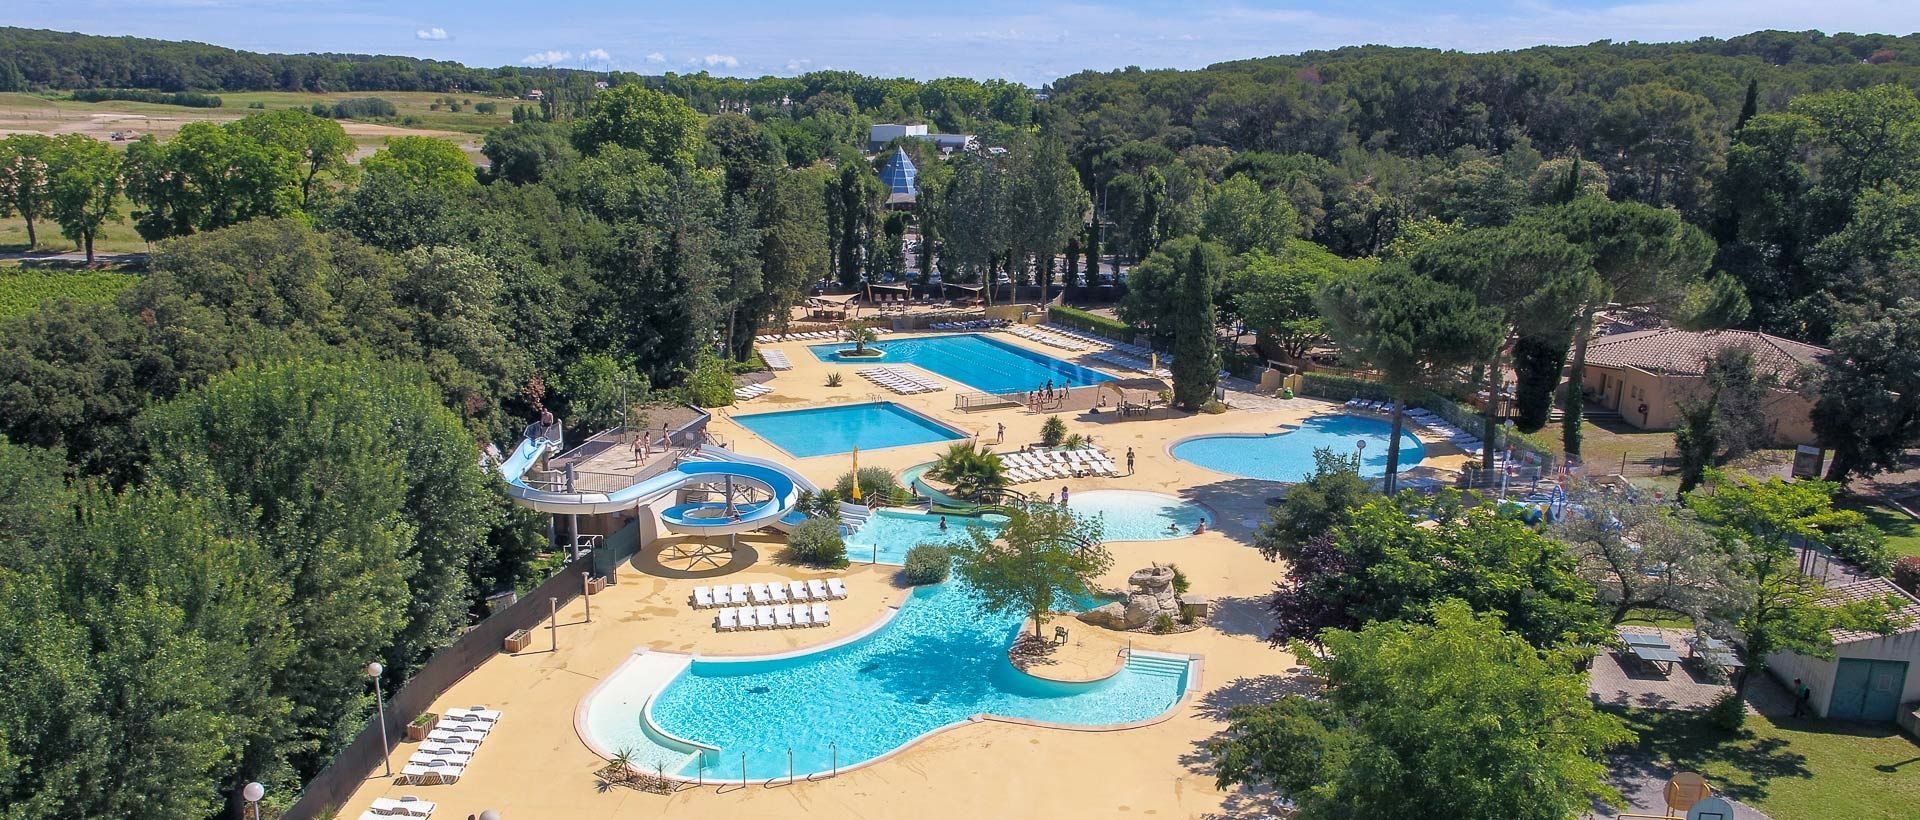 Camping Parque acuático Hérault